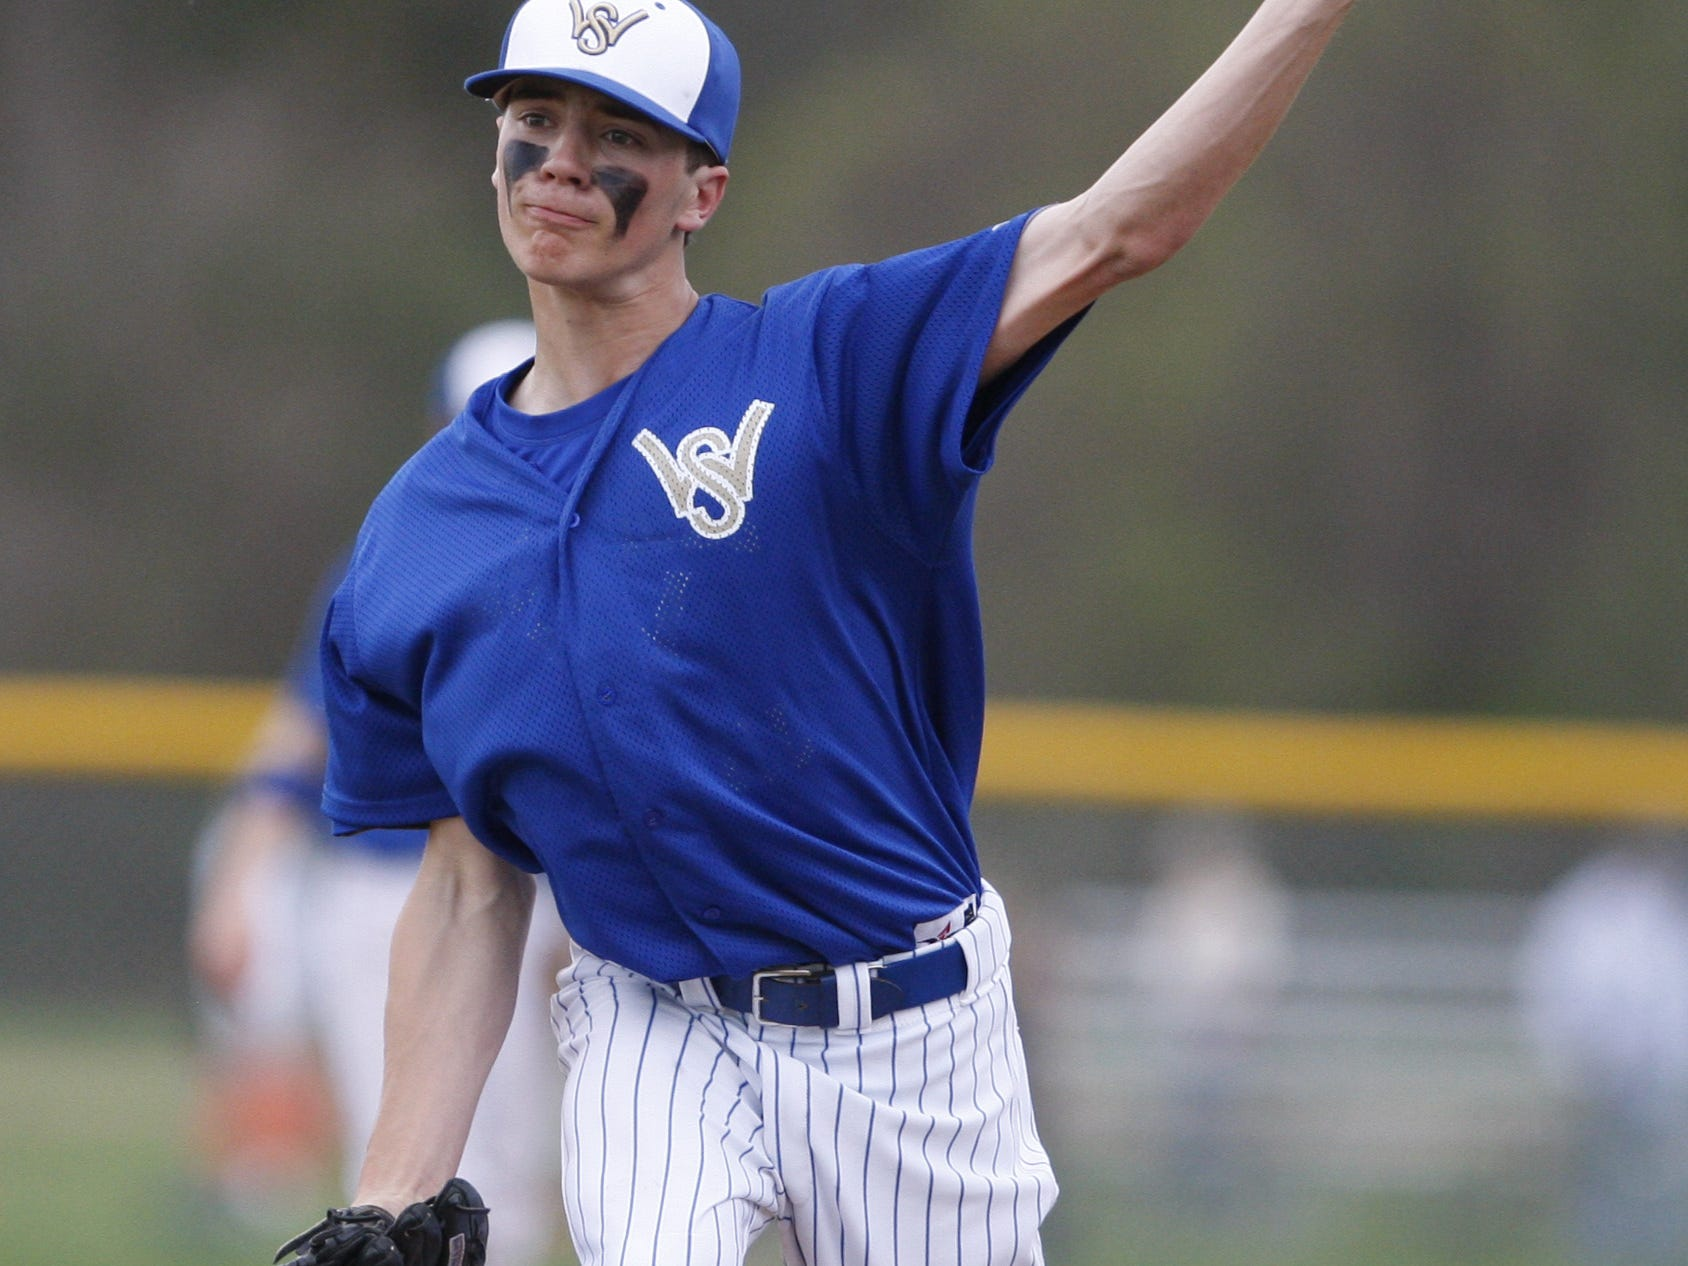 ... hopes to make run at baseball crown | USA Today High School Sports